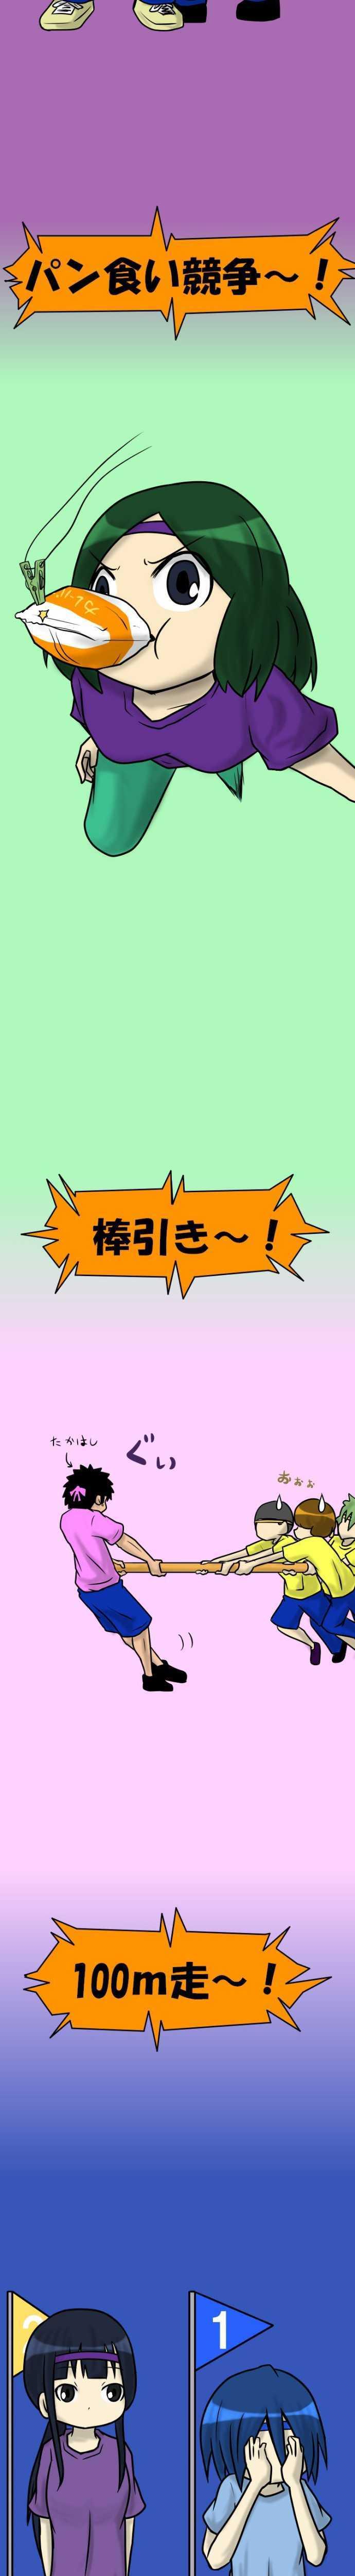 20術目:忍ぶ体育祭(午後編)